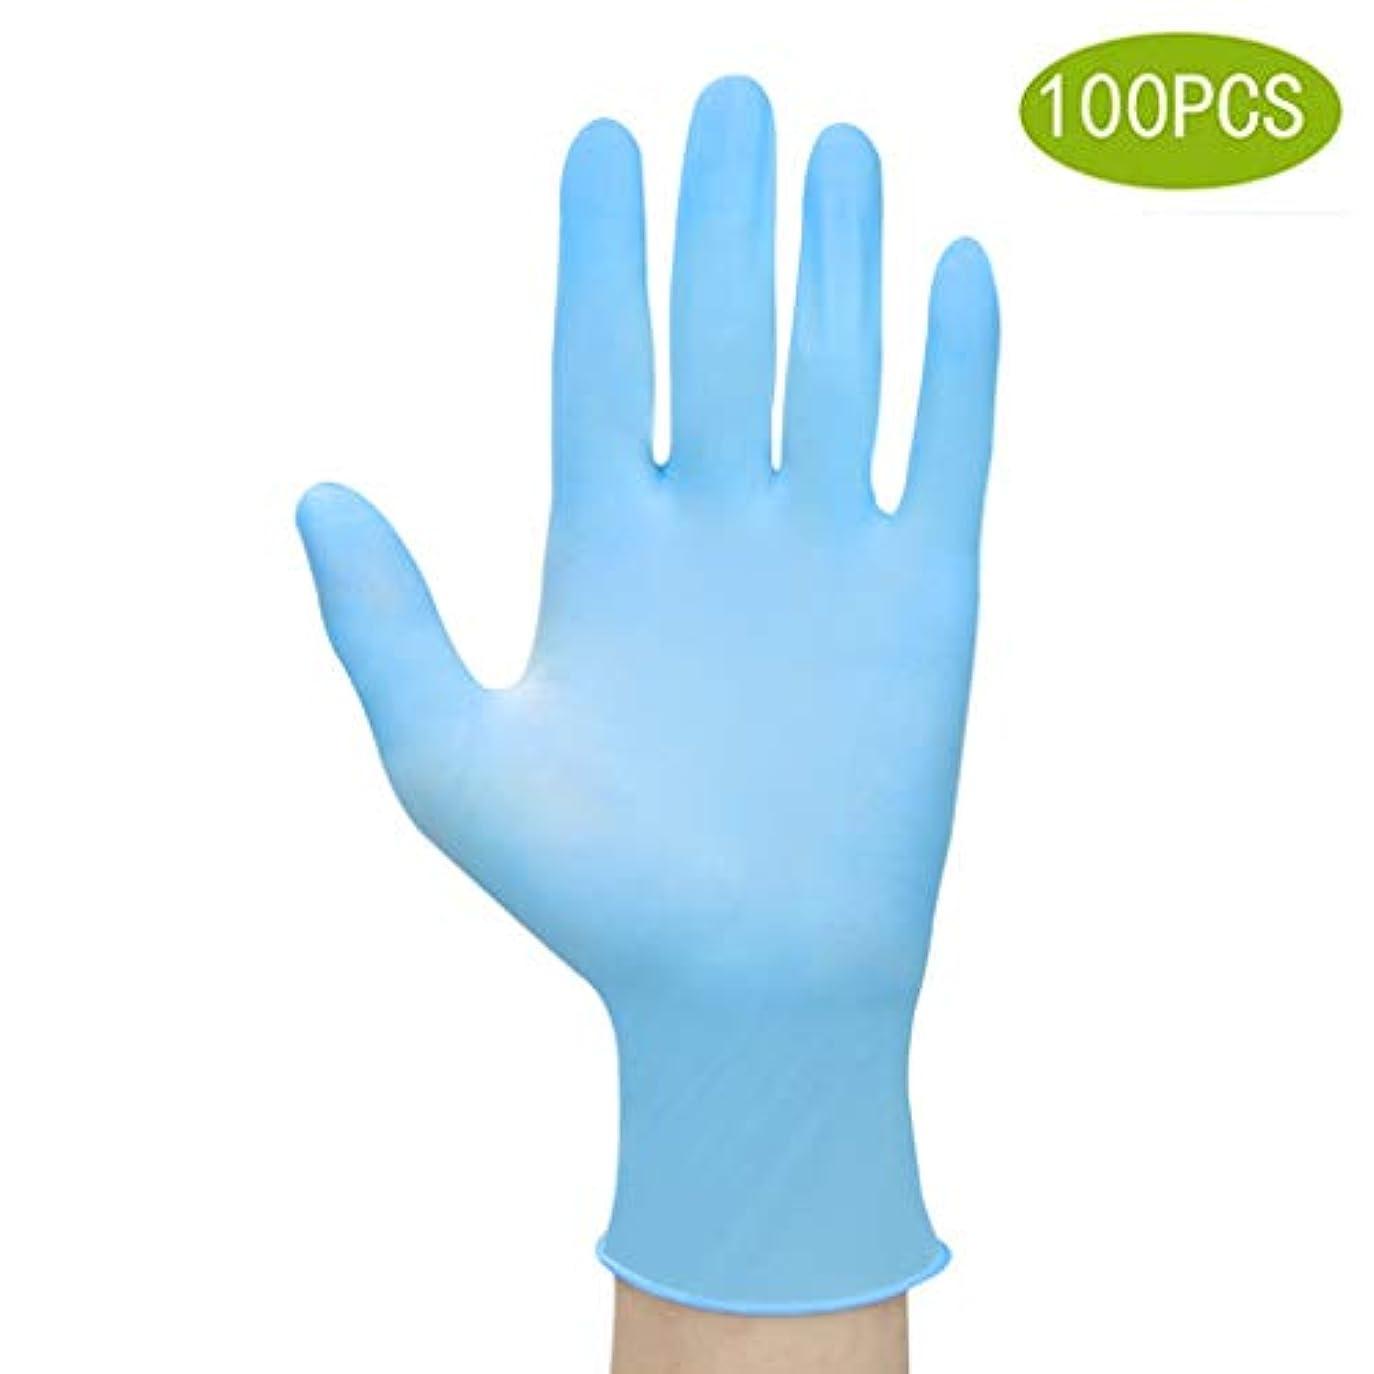 ロデオアヒル猟犬応急処置用品クリーンルーム、クラスニトリル手袋、長さ12